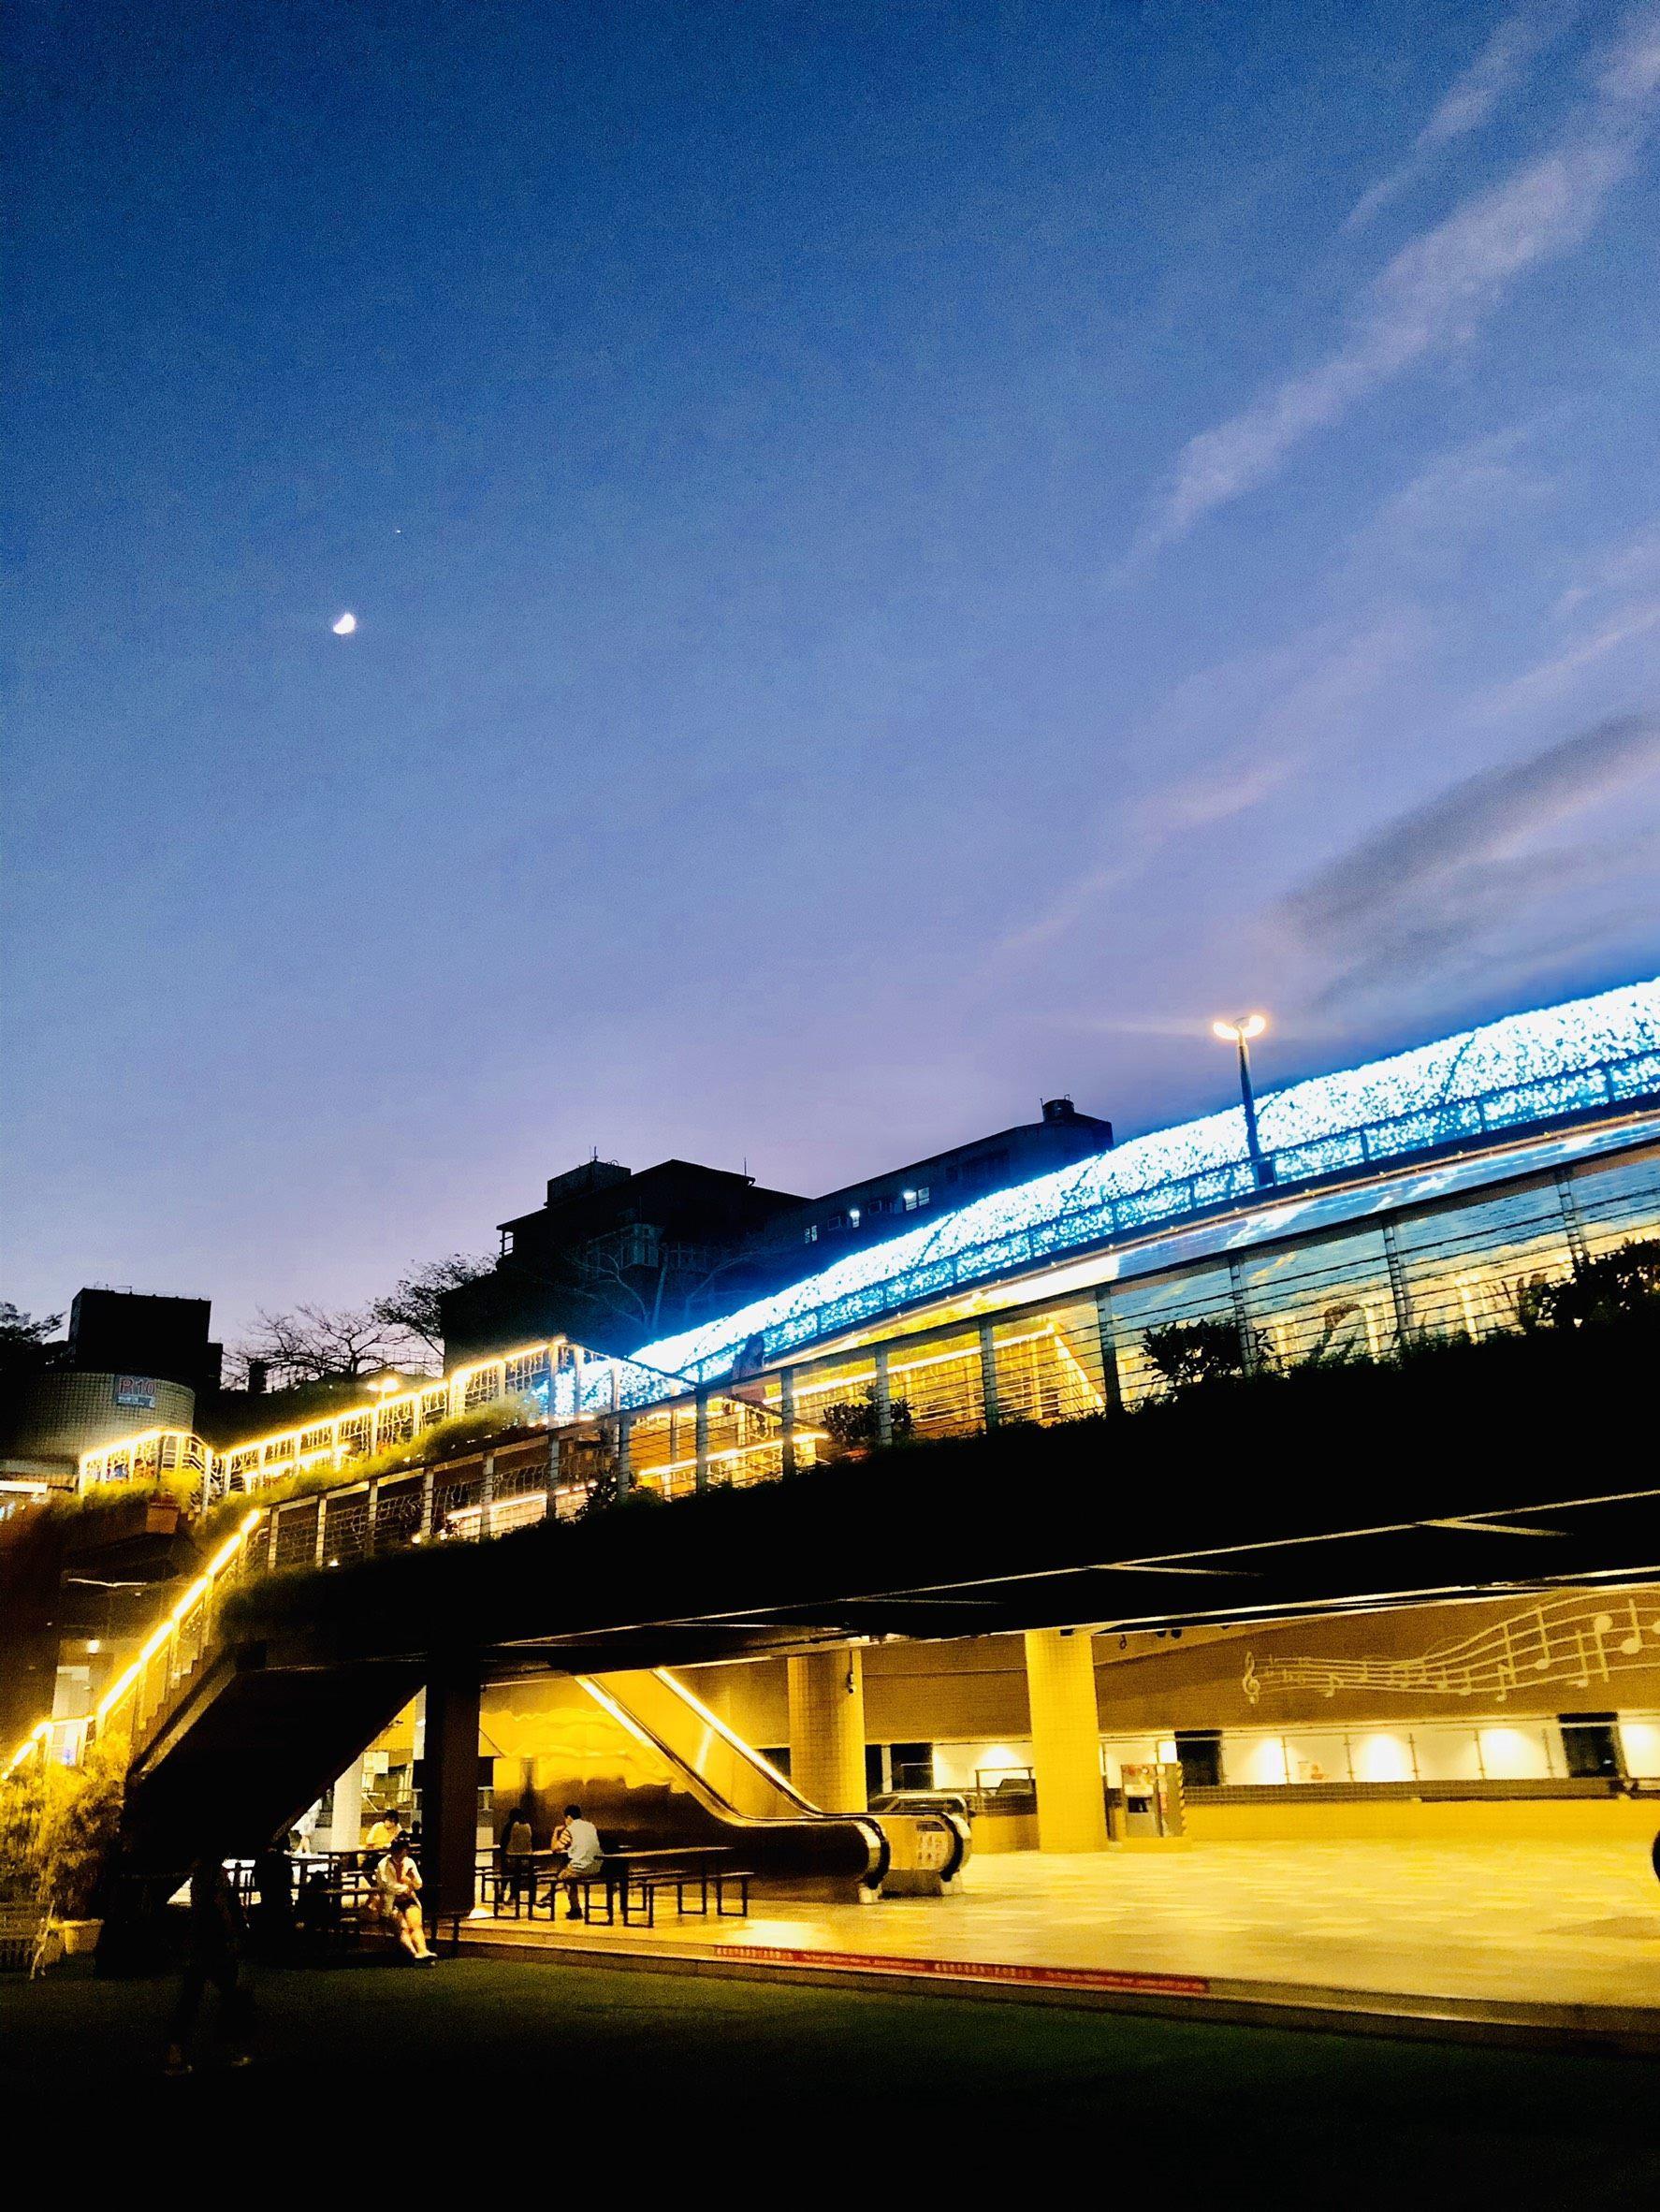 MRT station at sunset